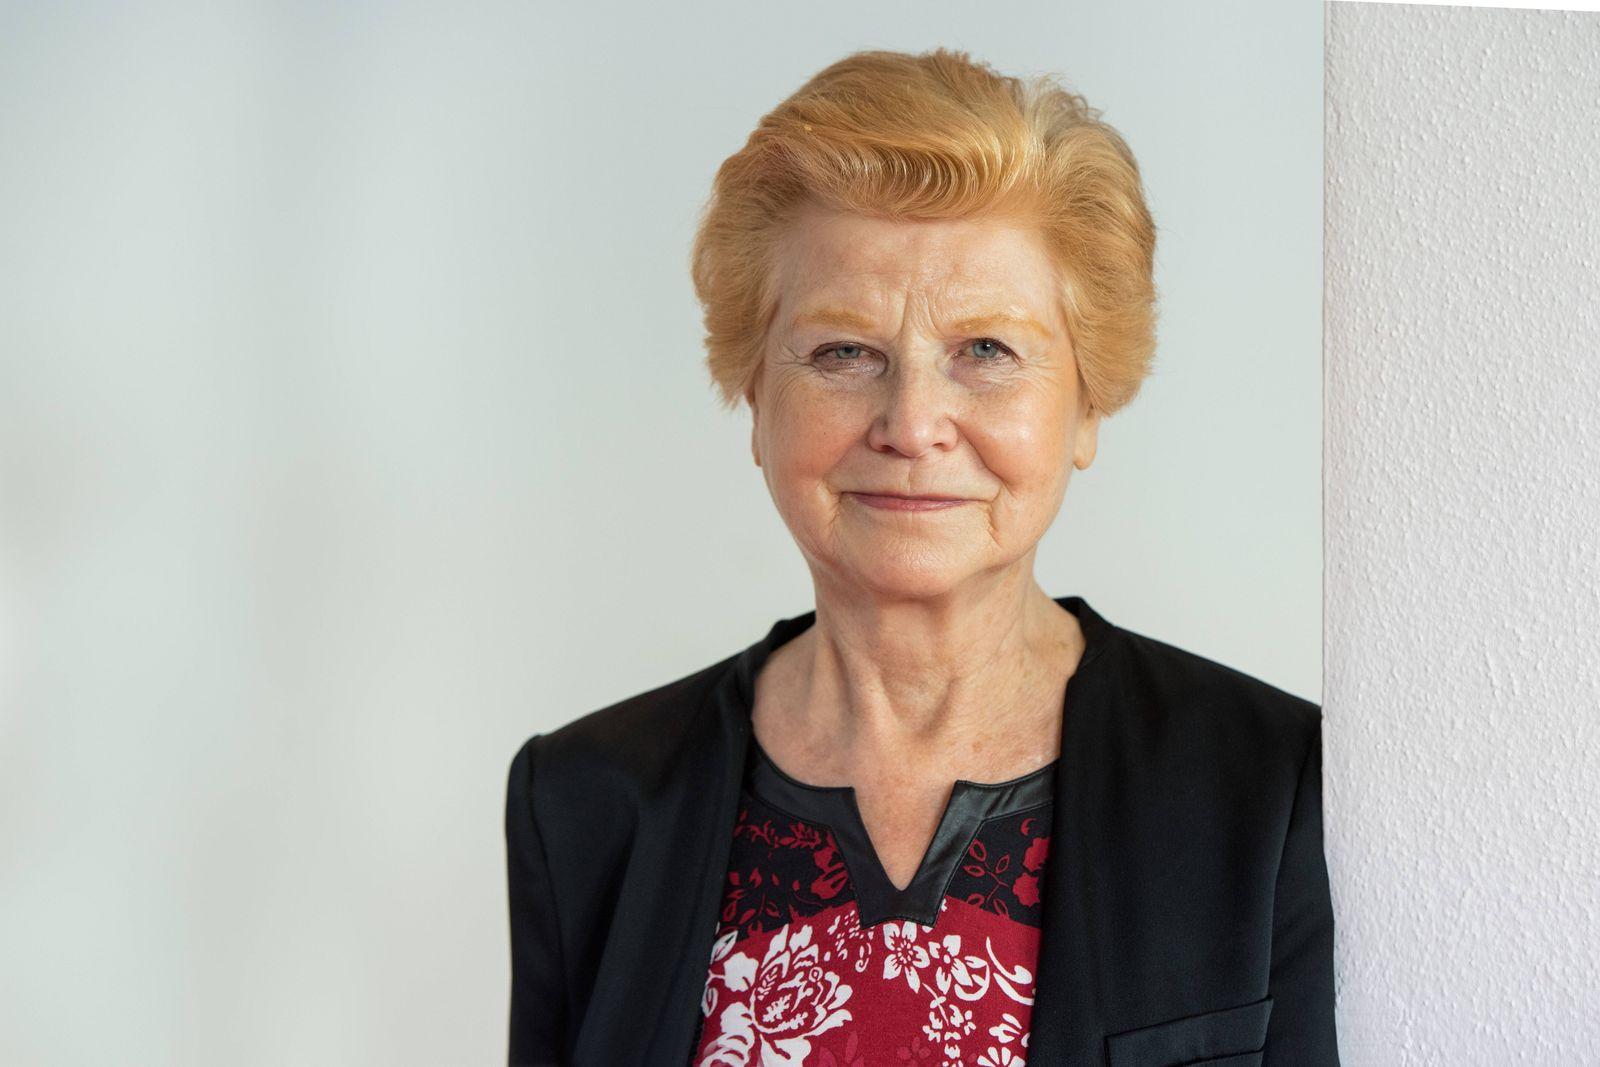 Irm Hermann Actress Zwei Herren Im Anzug, Premiere Kloster Andechs, Andechs, Bavaria, Germany 18 March 2018 PUBLICATIONx